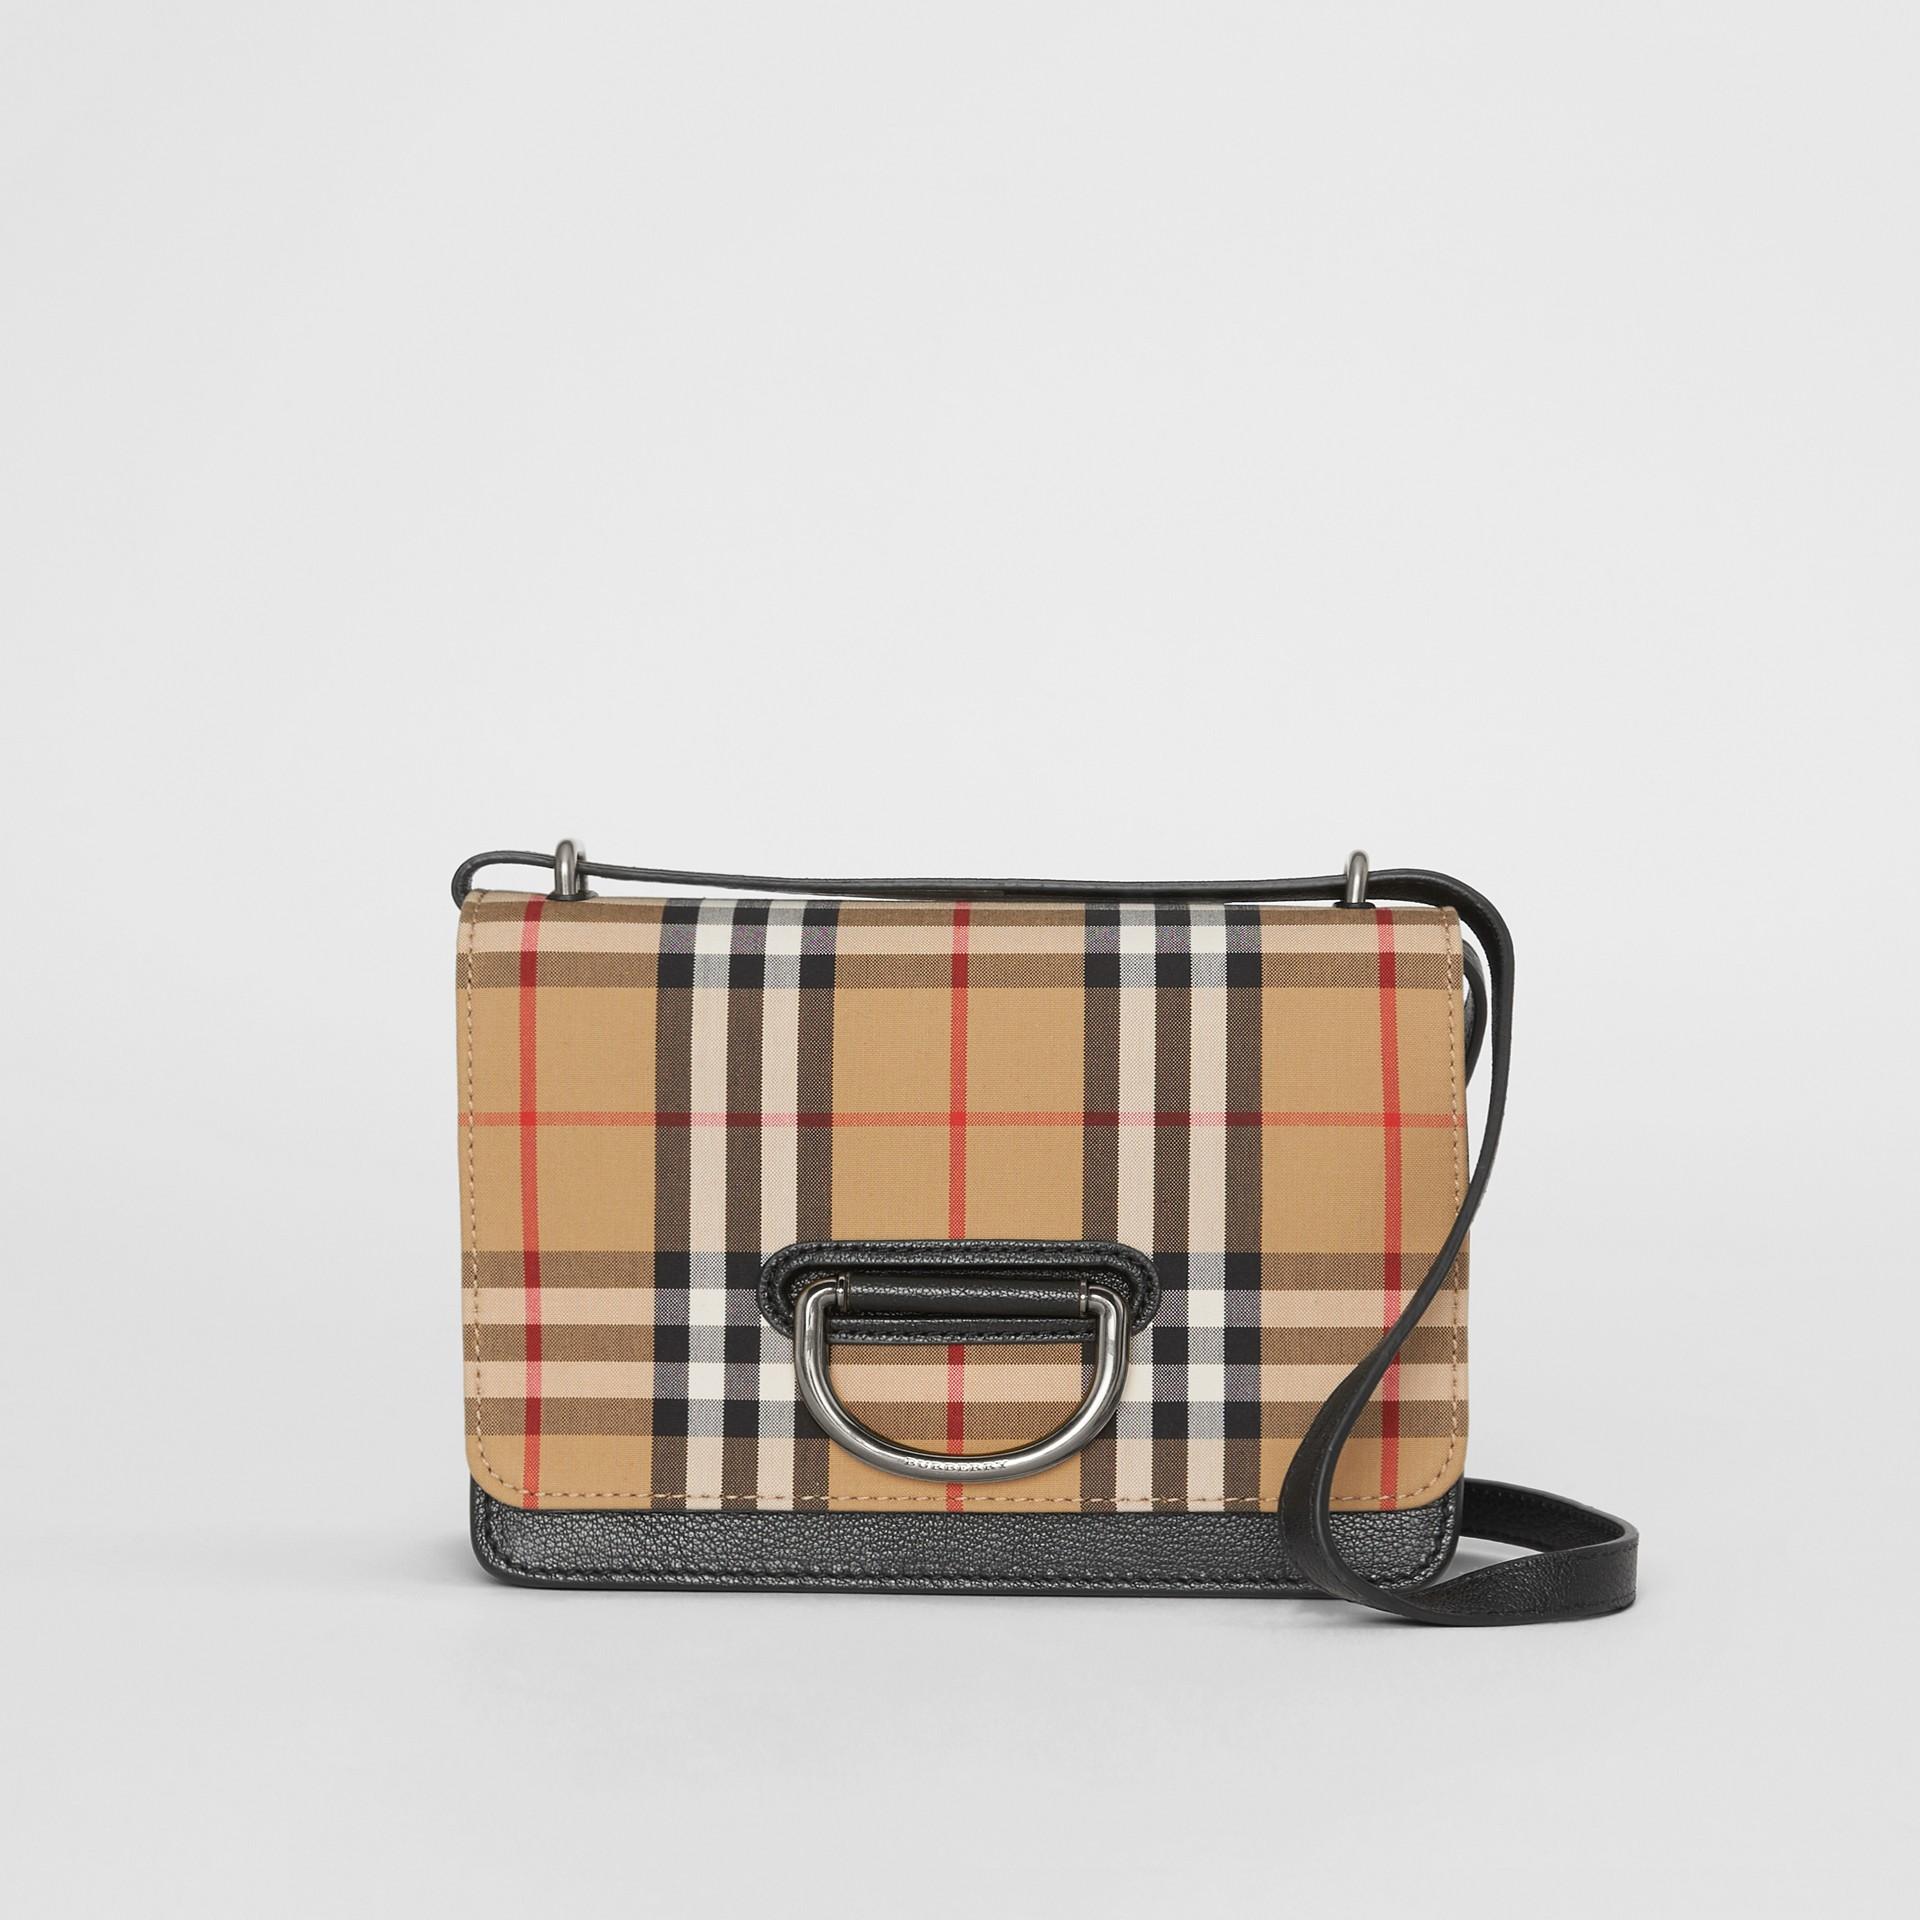 Petit sac TheD-ring en cuir et à motif Vintage check (Noir/jaune Antique) - Femme | Burberry - photo de la galerie 0